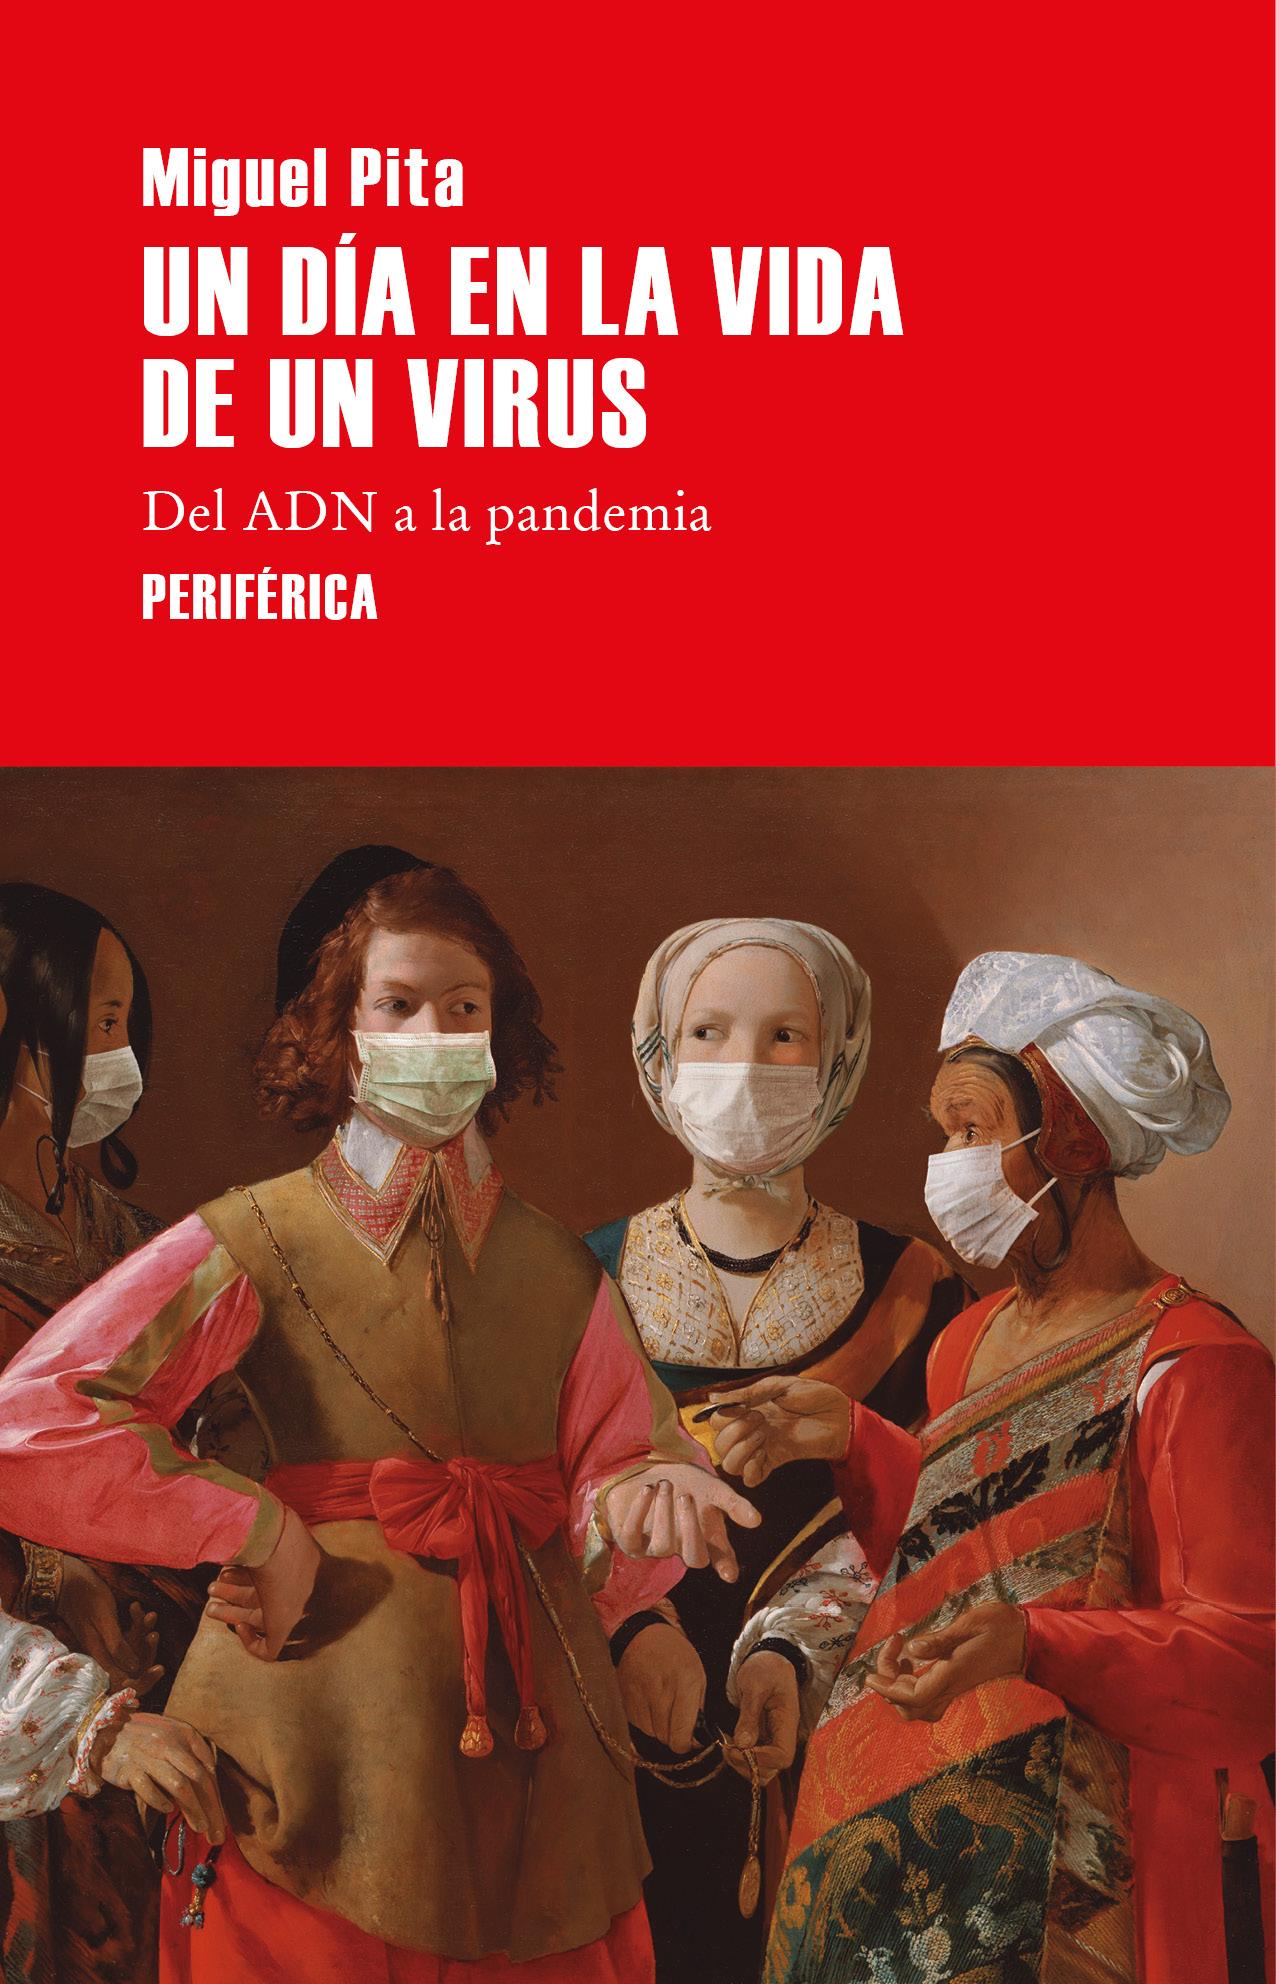 Un día en la vida de un virus «Del ADN a la pandemia»